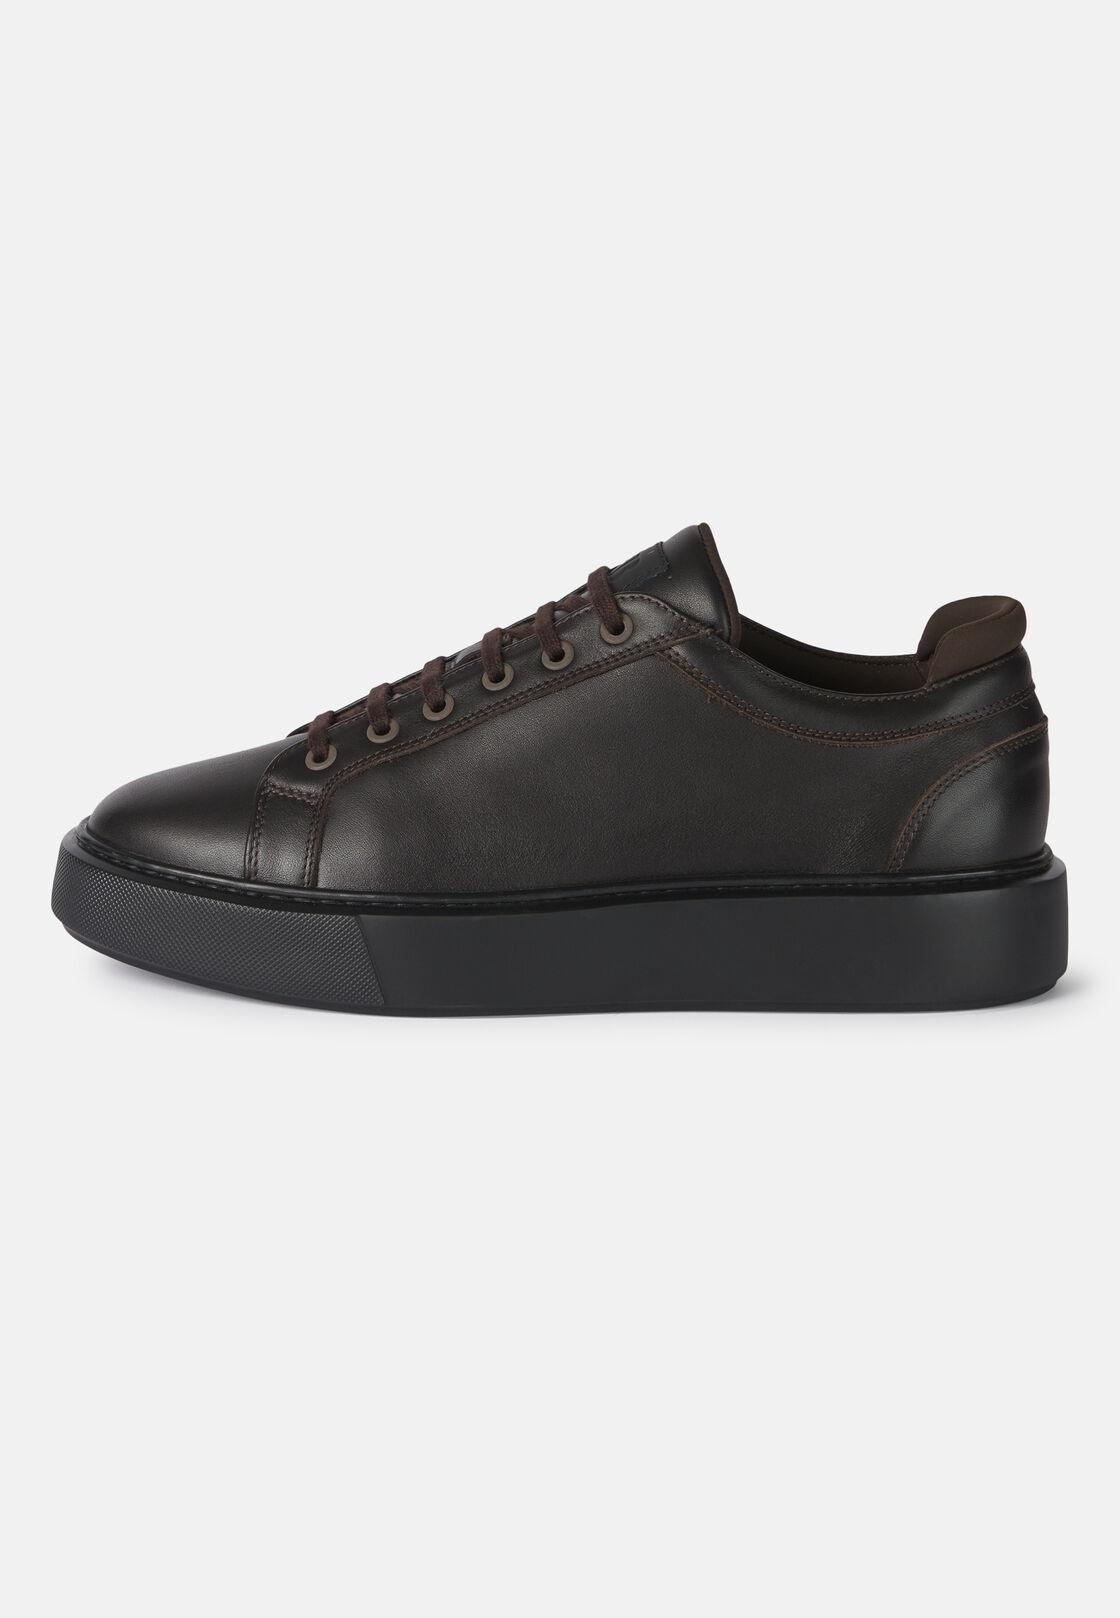 Leichte sneaker aus leder in dunkelbraun, Braun, hi-res